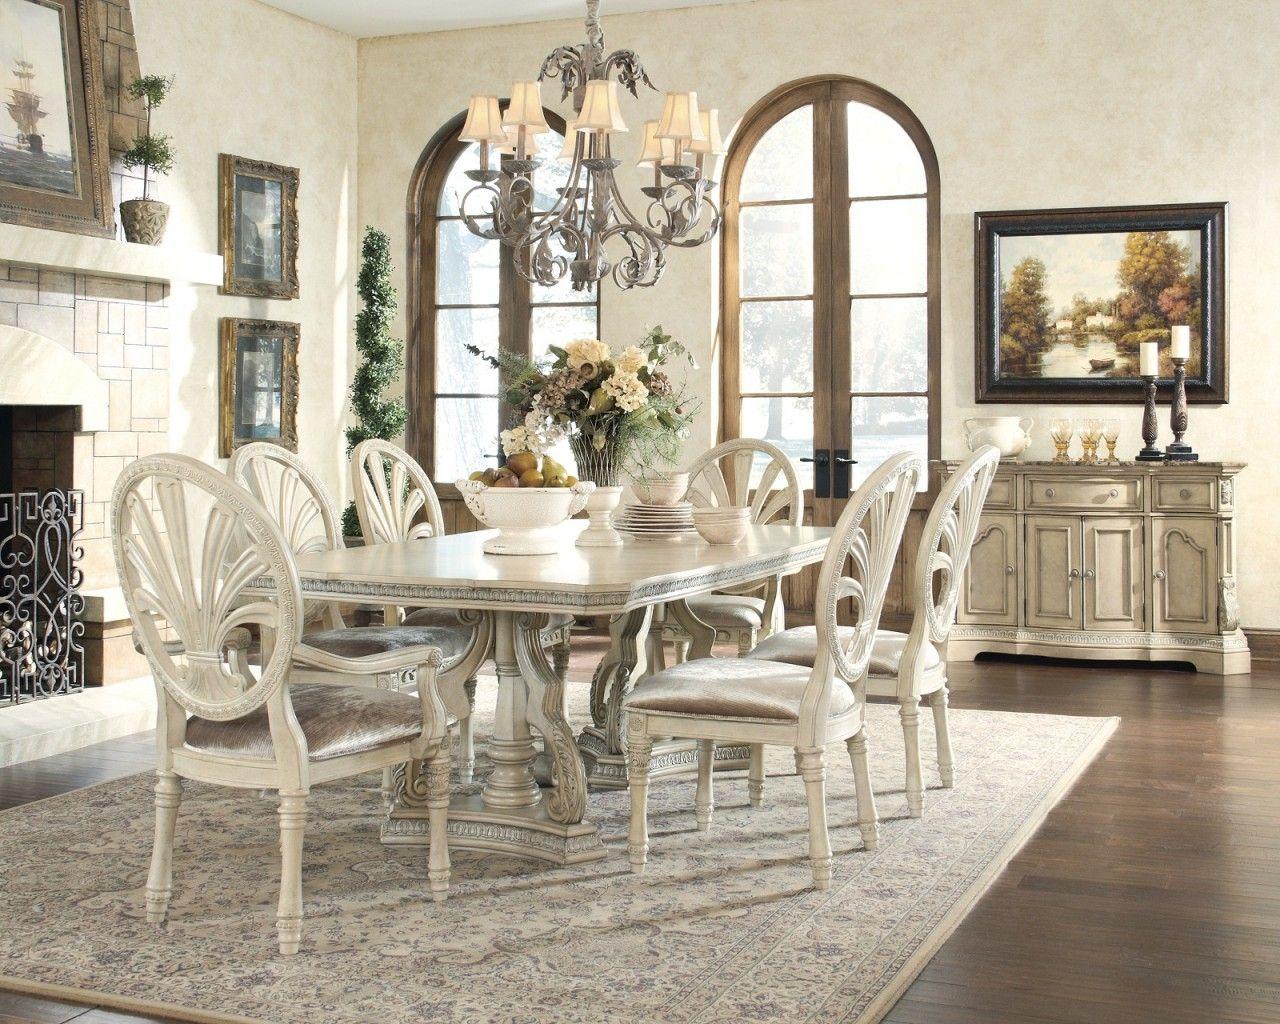 Antique White Formal Dining Room Sets  Httpfmufpi Alluring Antique Formal Dining Room Sets Inspiration Design